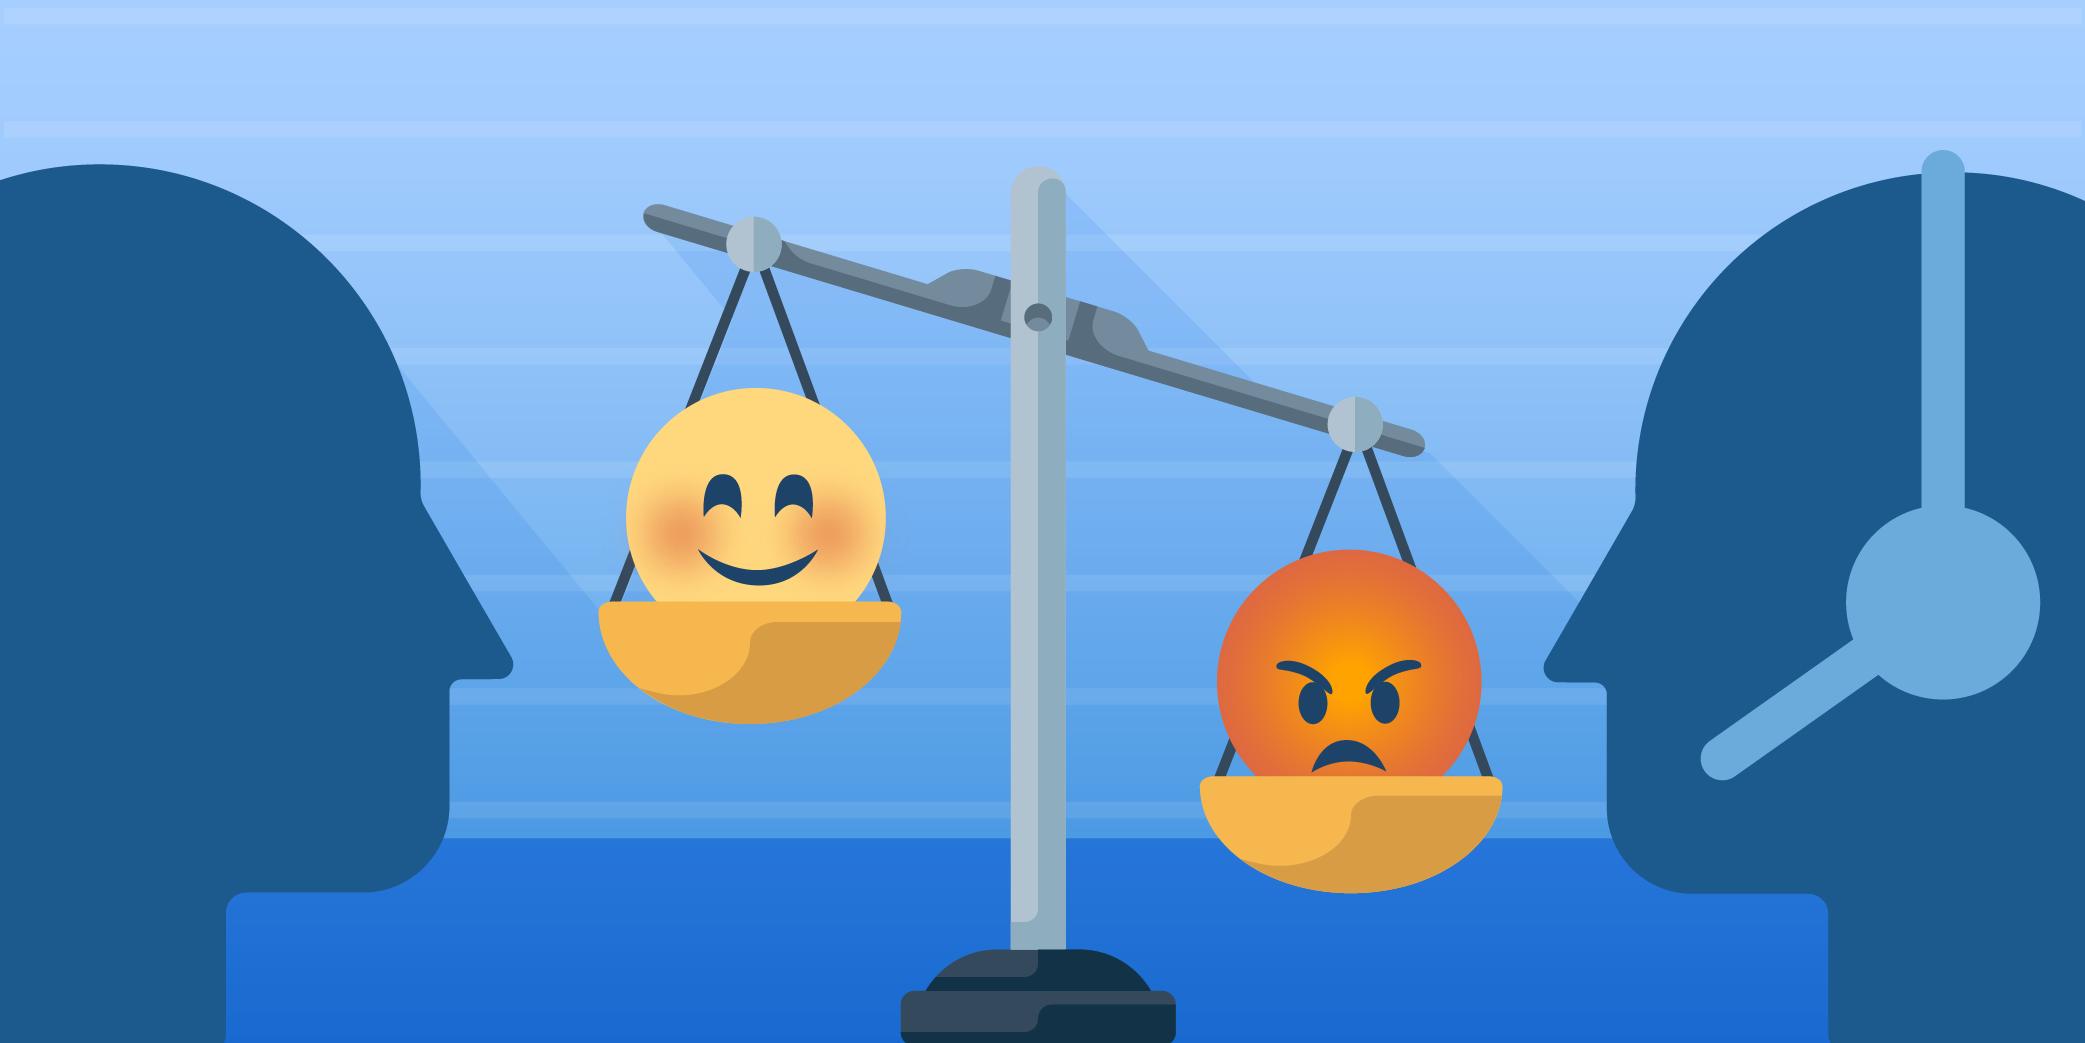 Das Dilemma mit der Zufriedenheit: Kunde oder Mitarbeiter?